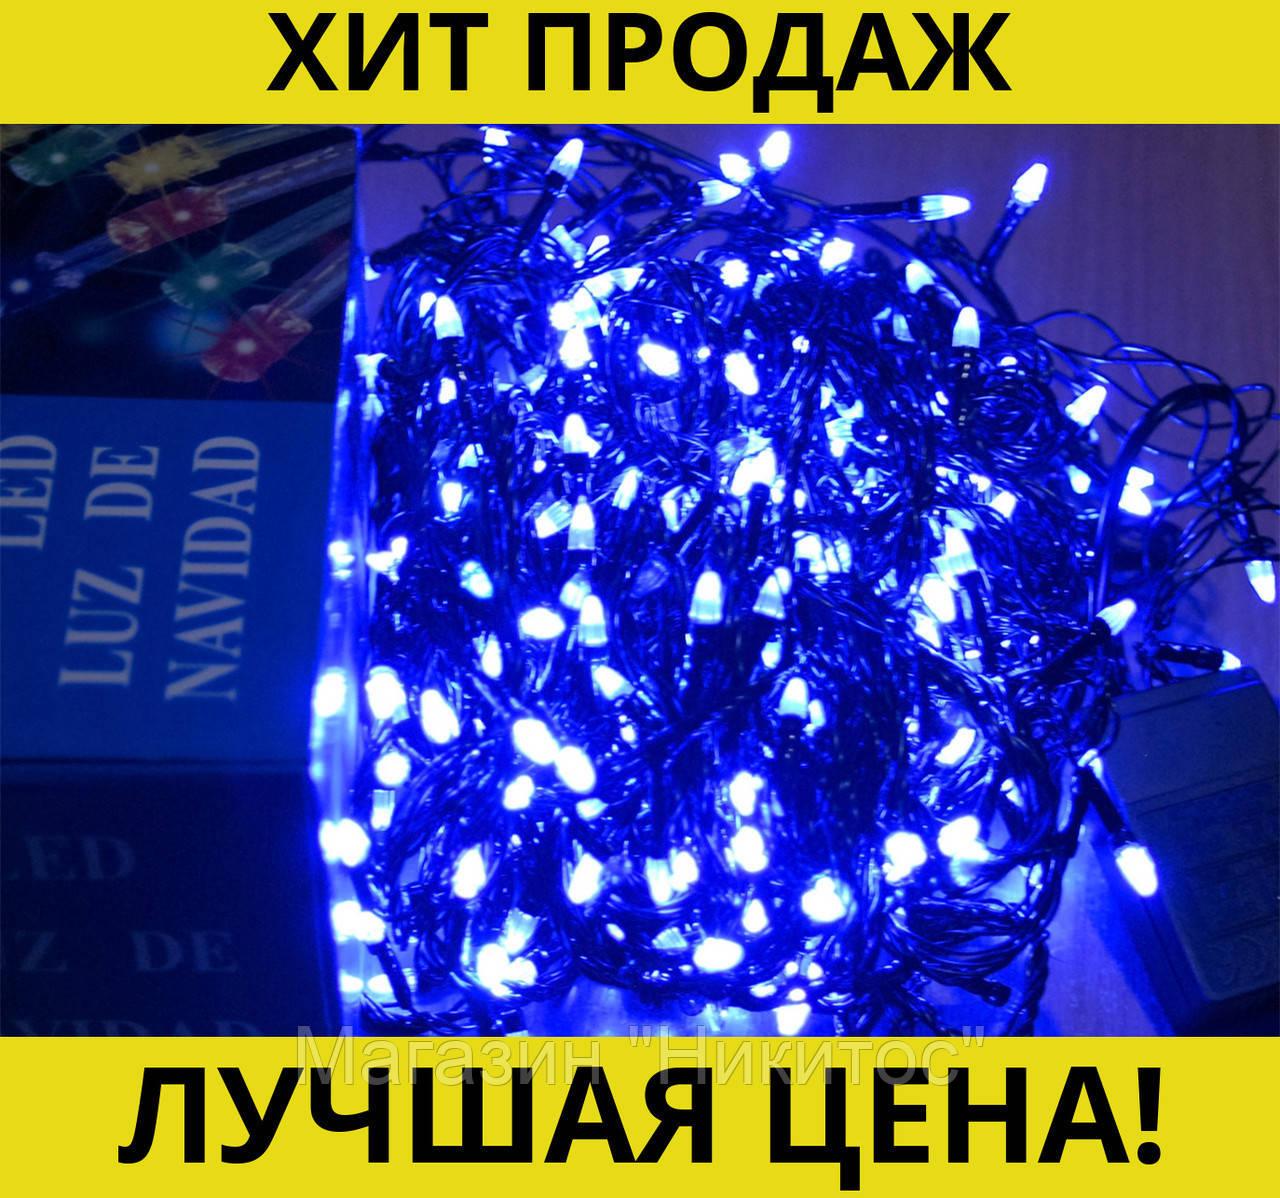 SALE!Гирлянда с черным проводом 2 и прозрачной конической лампой 300LED (синий) LED300B-2